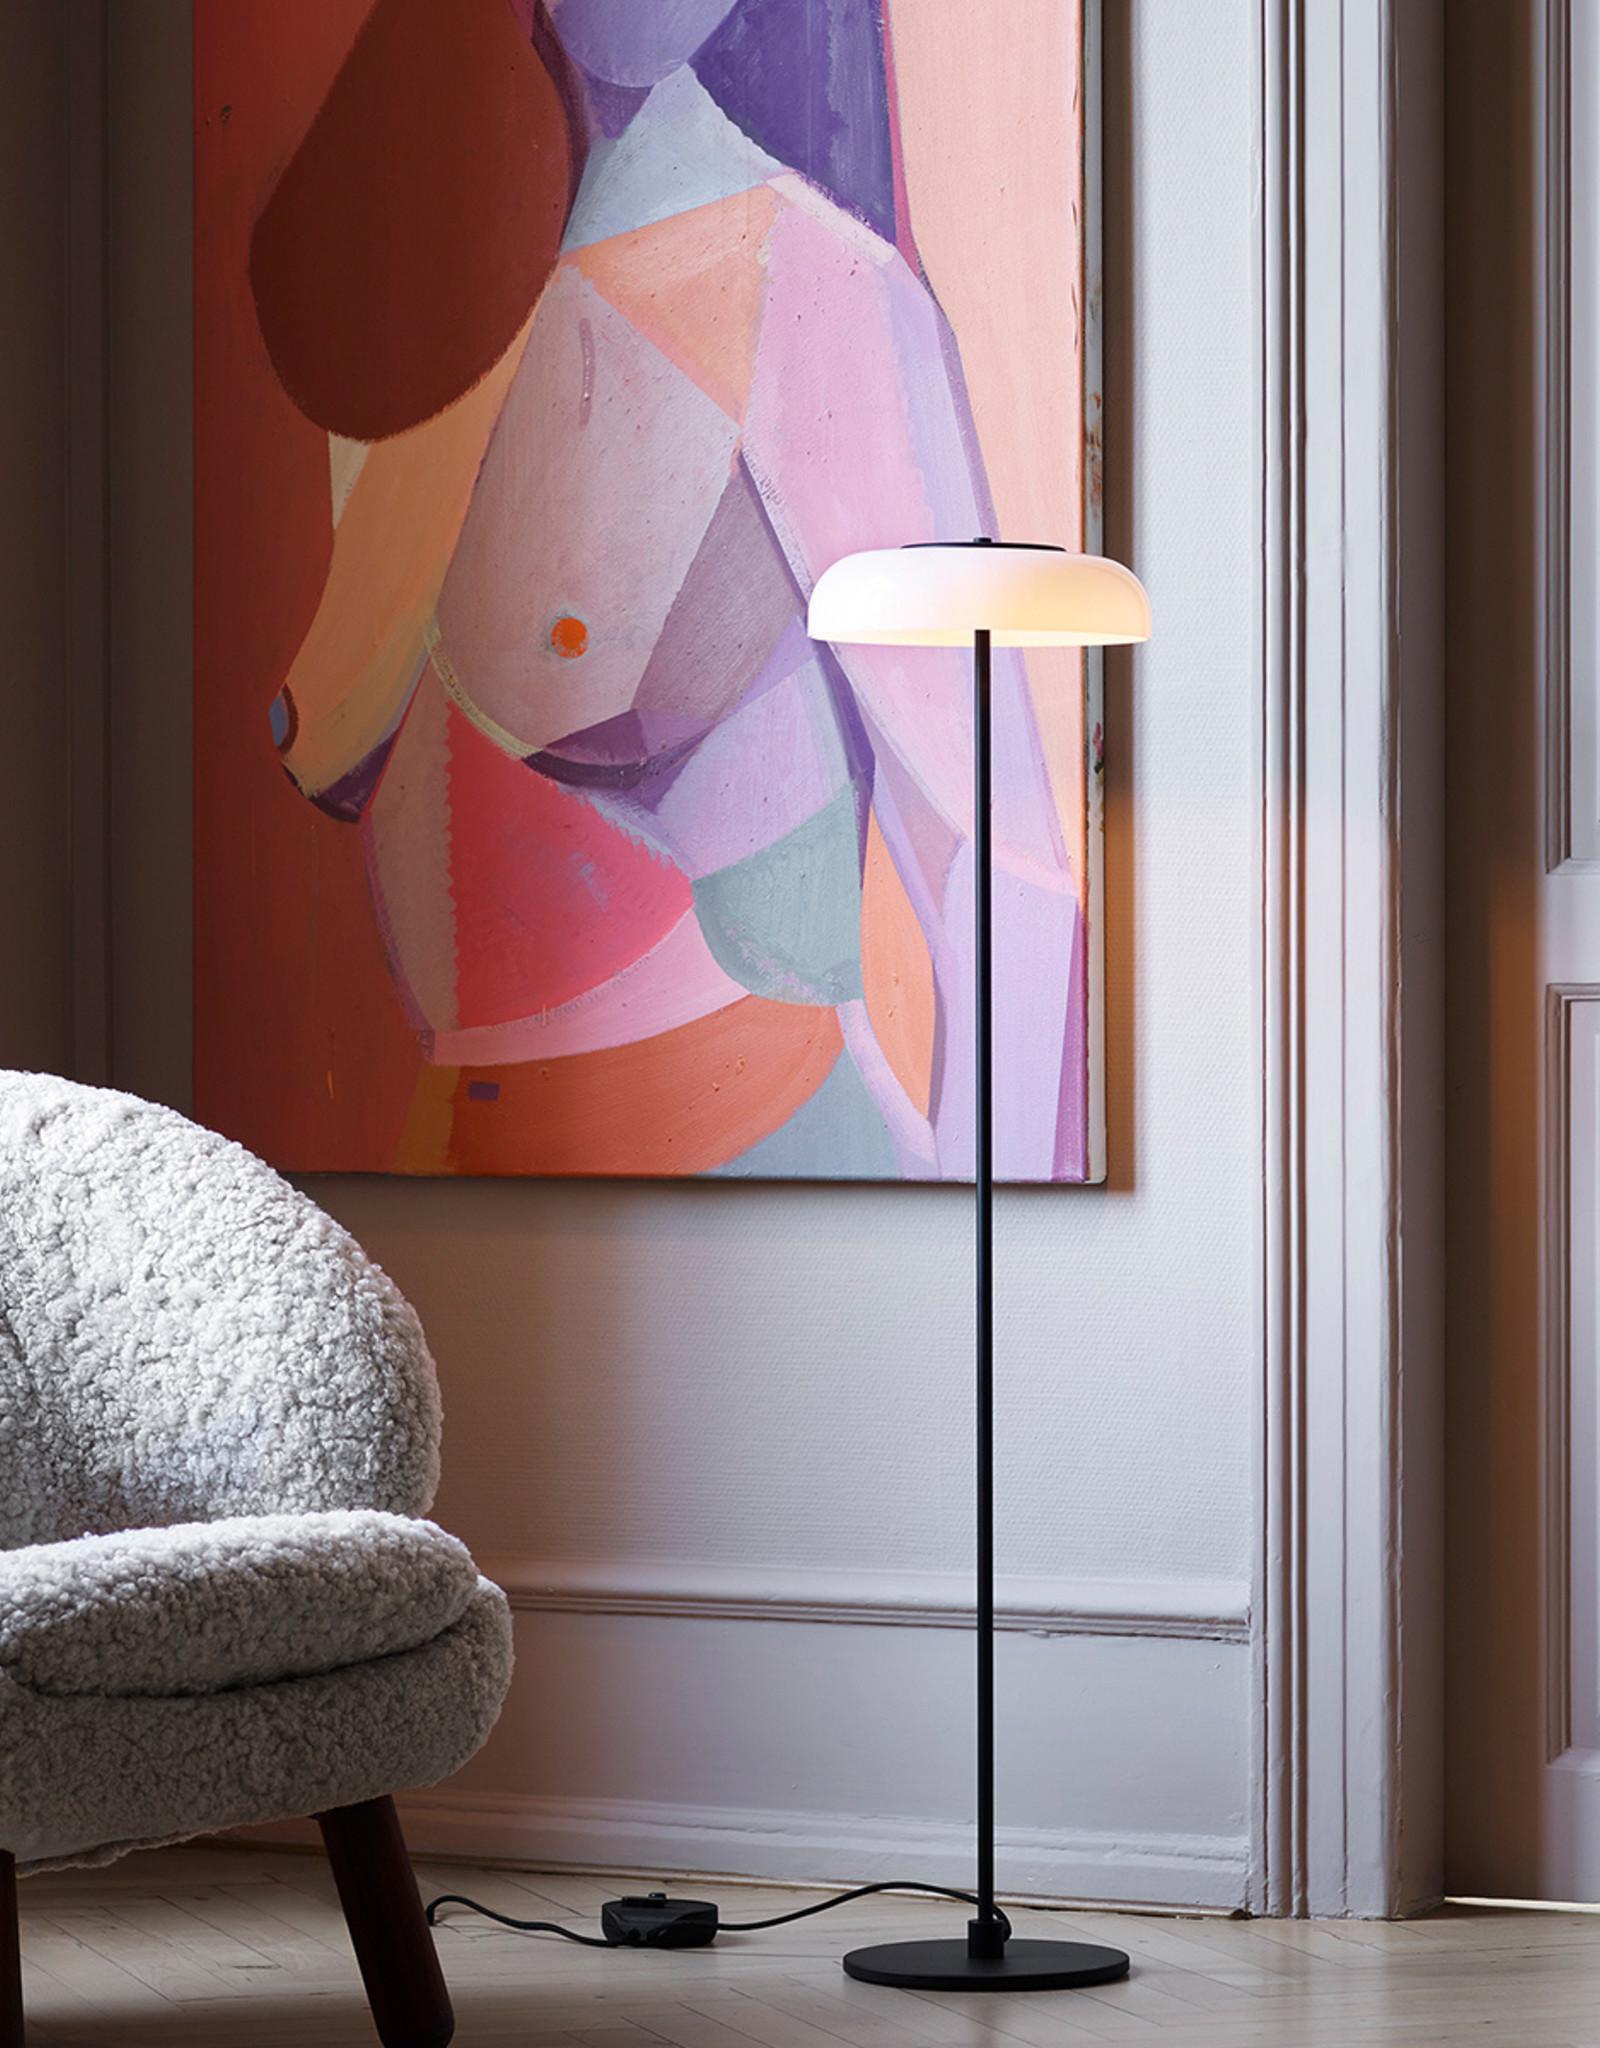 Blossi floor light by Sofie Refer | Black/opal white